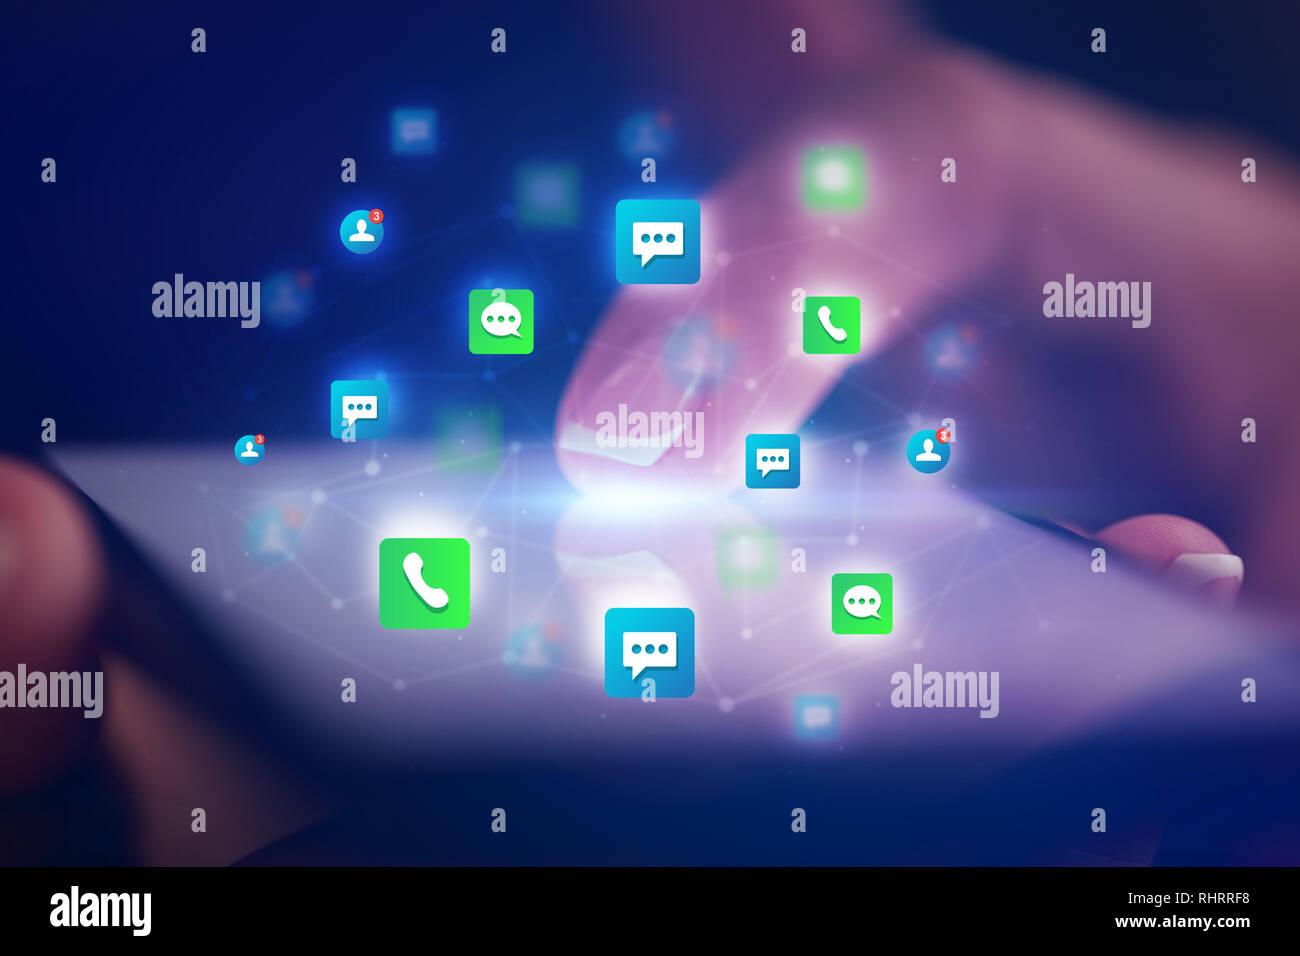 Dito Toccando Telefono Con Amici E Concetto Di Contatto E Uno Sfondo